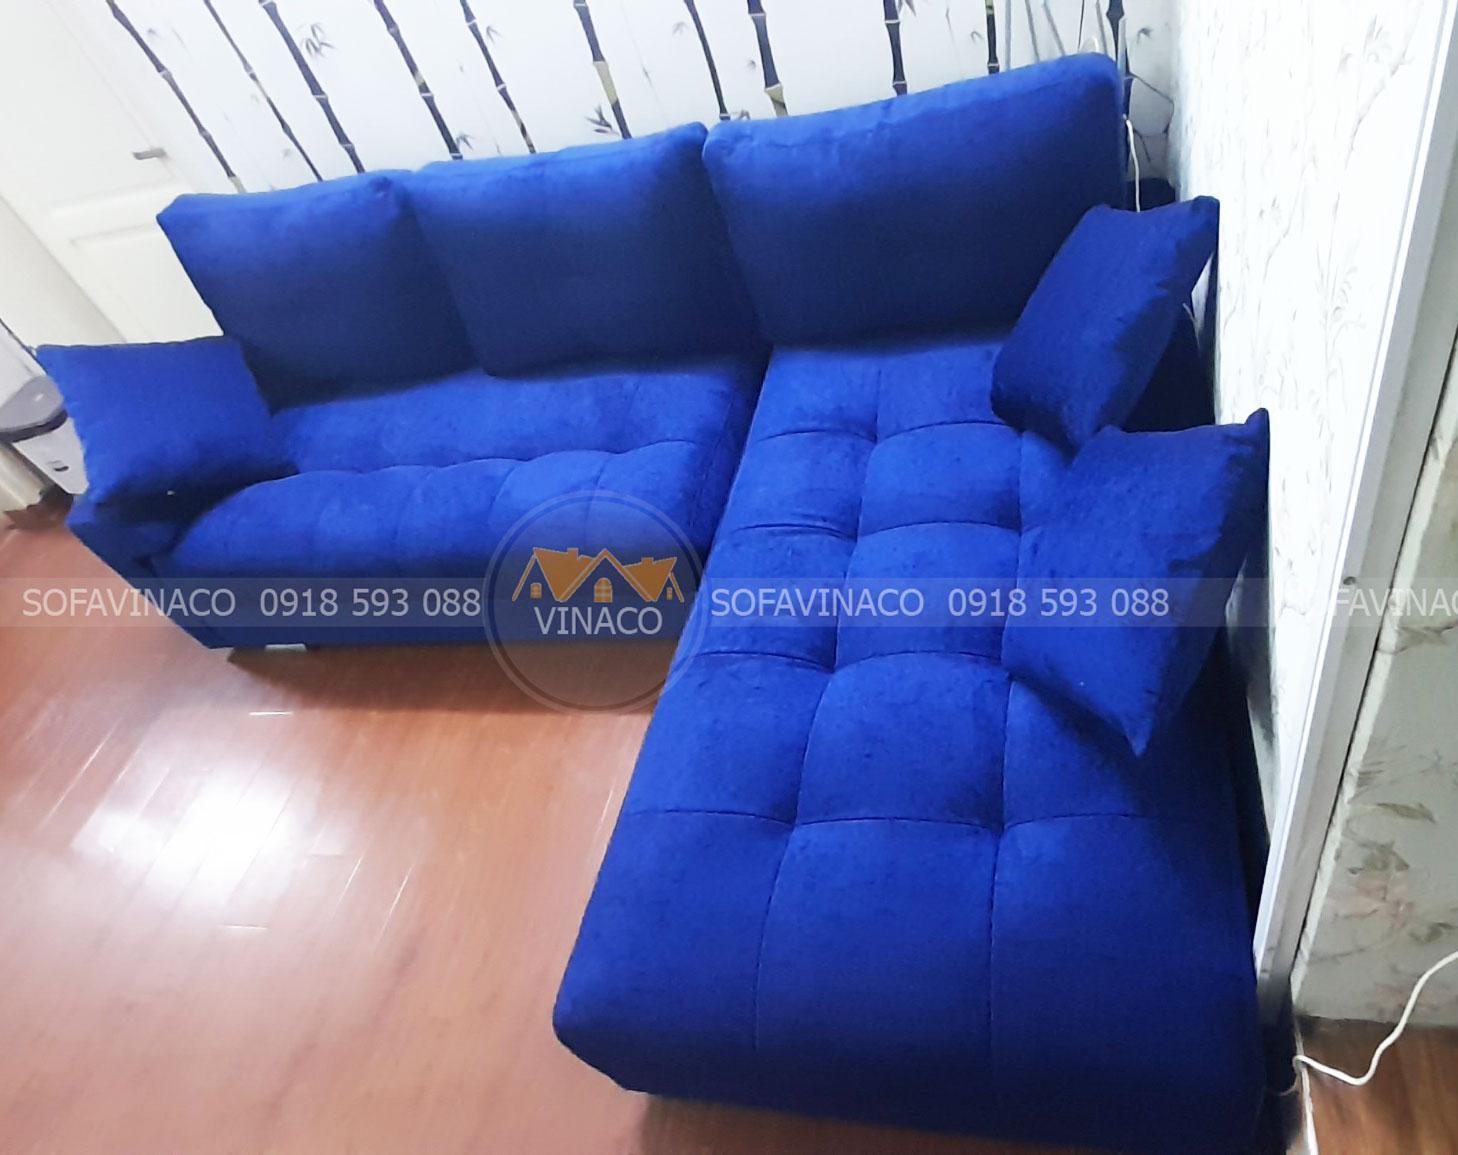 Dịch vụ bọc ghế sofa vải chuyên nghiệp giá tốt tại phường Nghĩa Tân, Cầu Giấy, Hà Nội